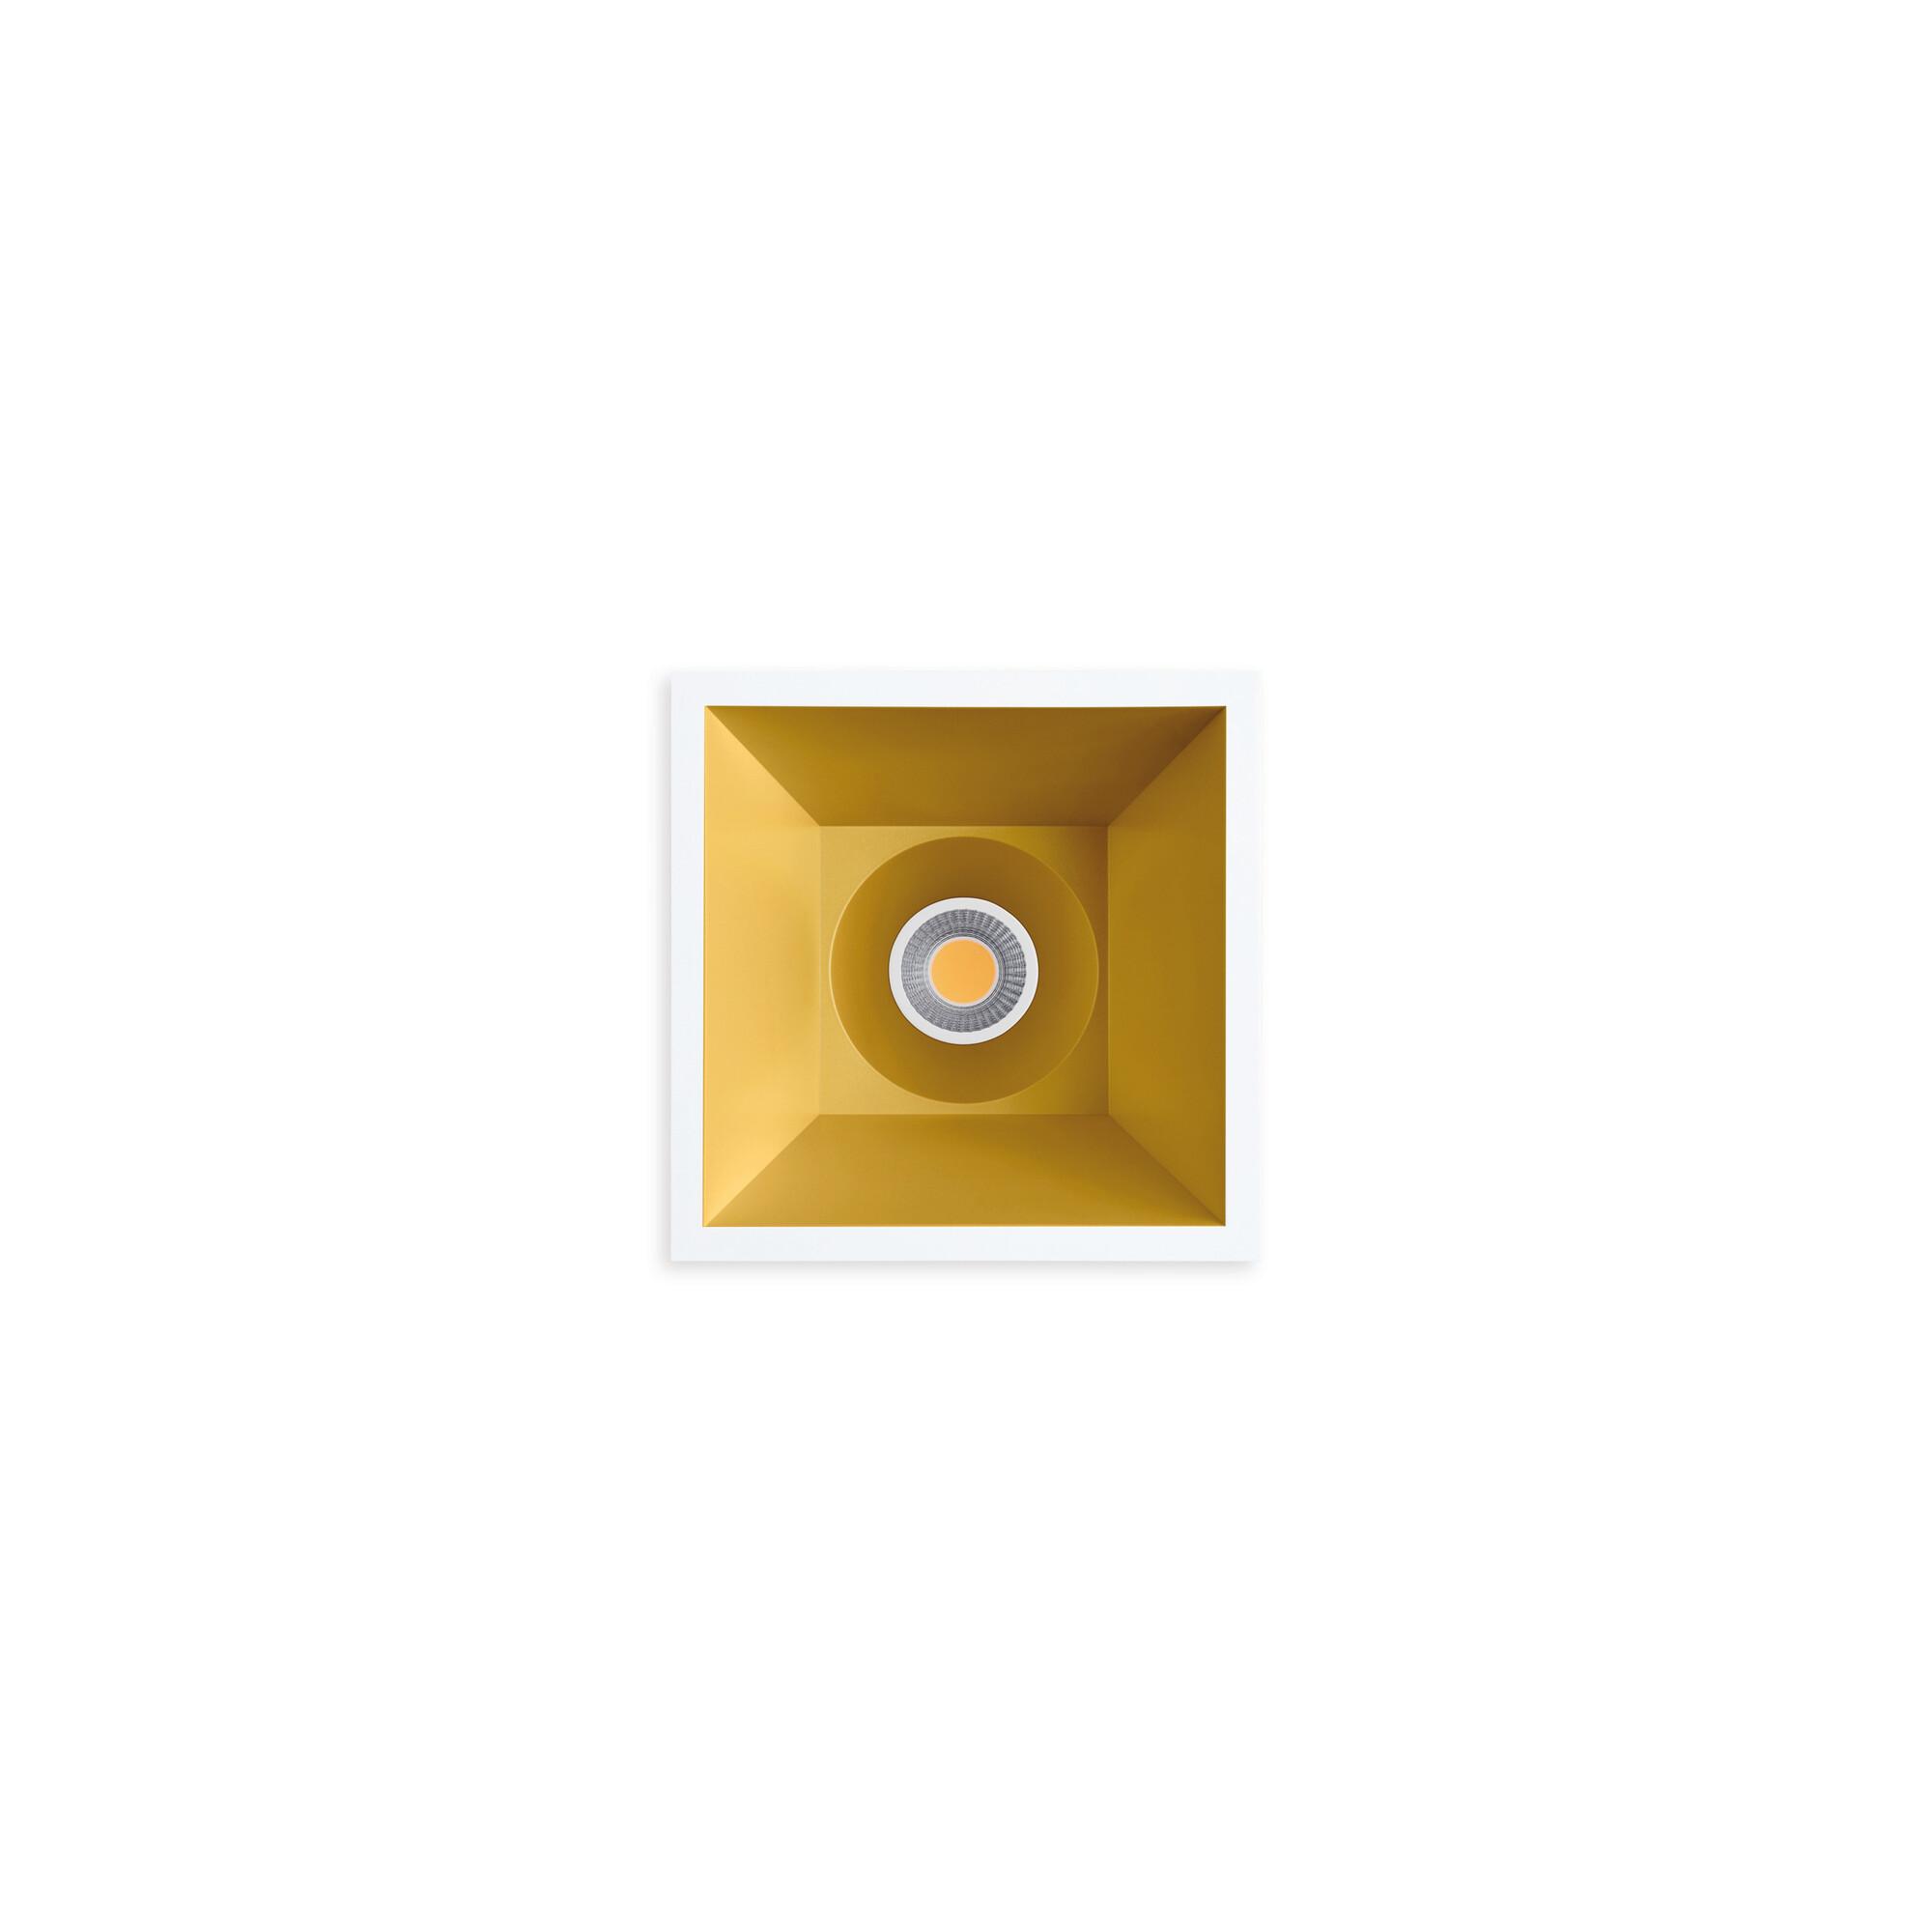 SWAP Inbouwspot LED 1x7W/910lm Vierkant Goud